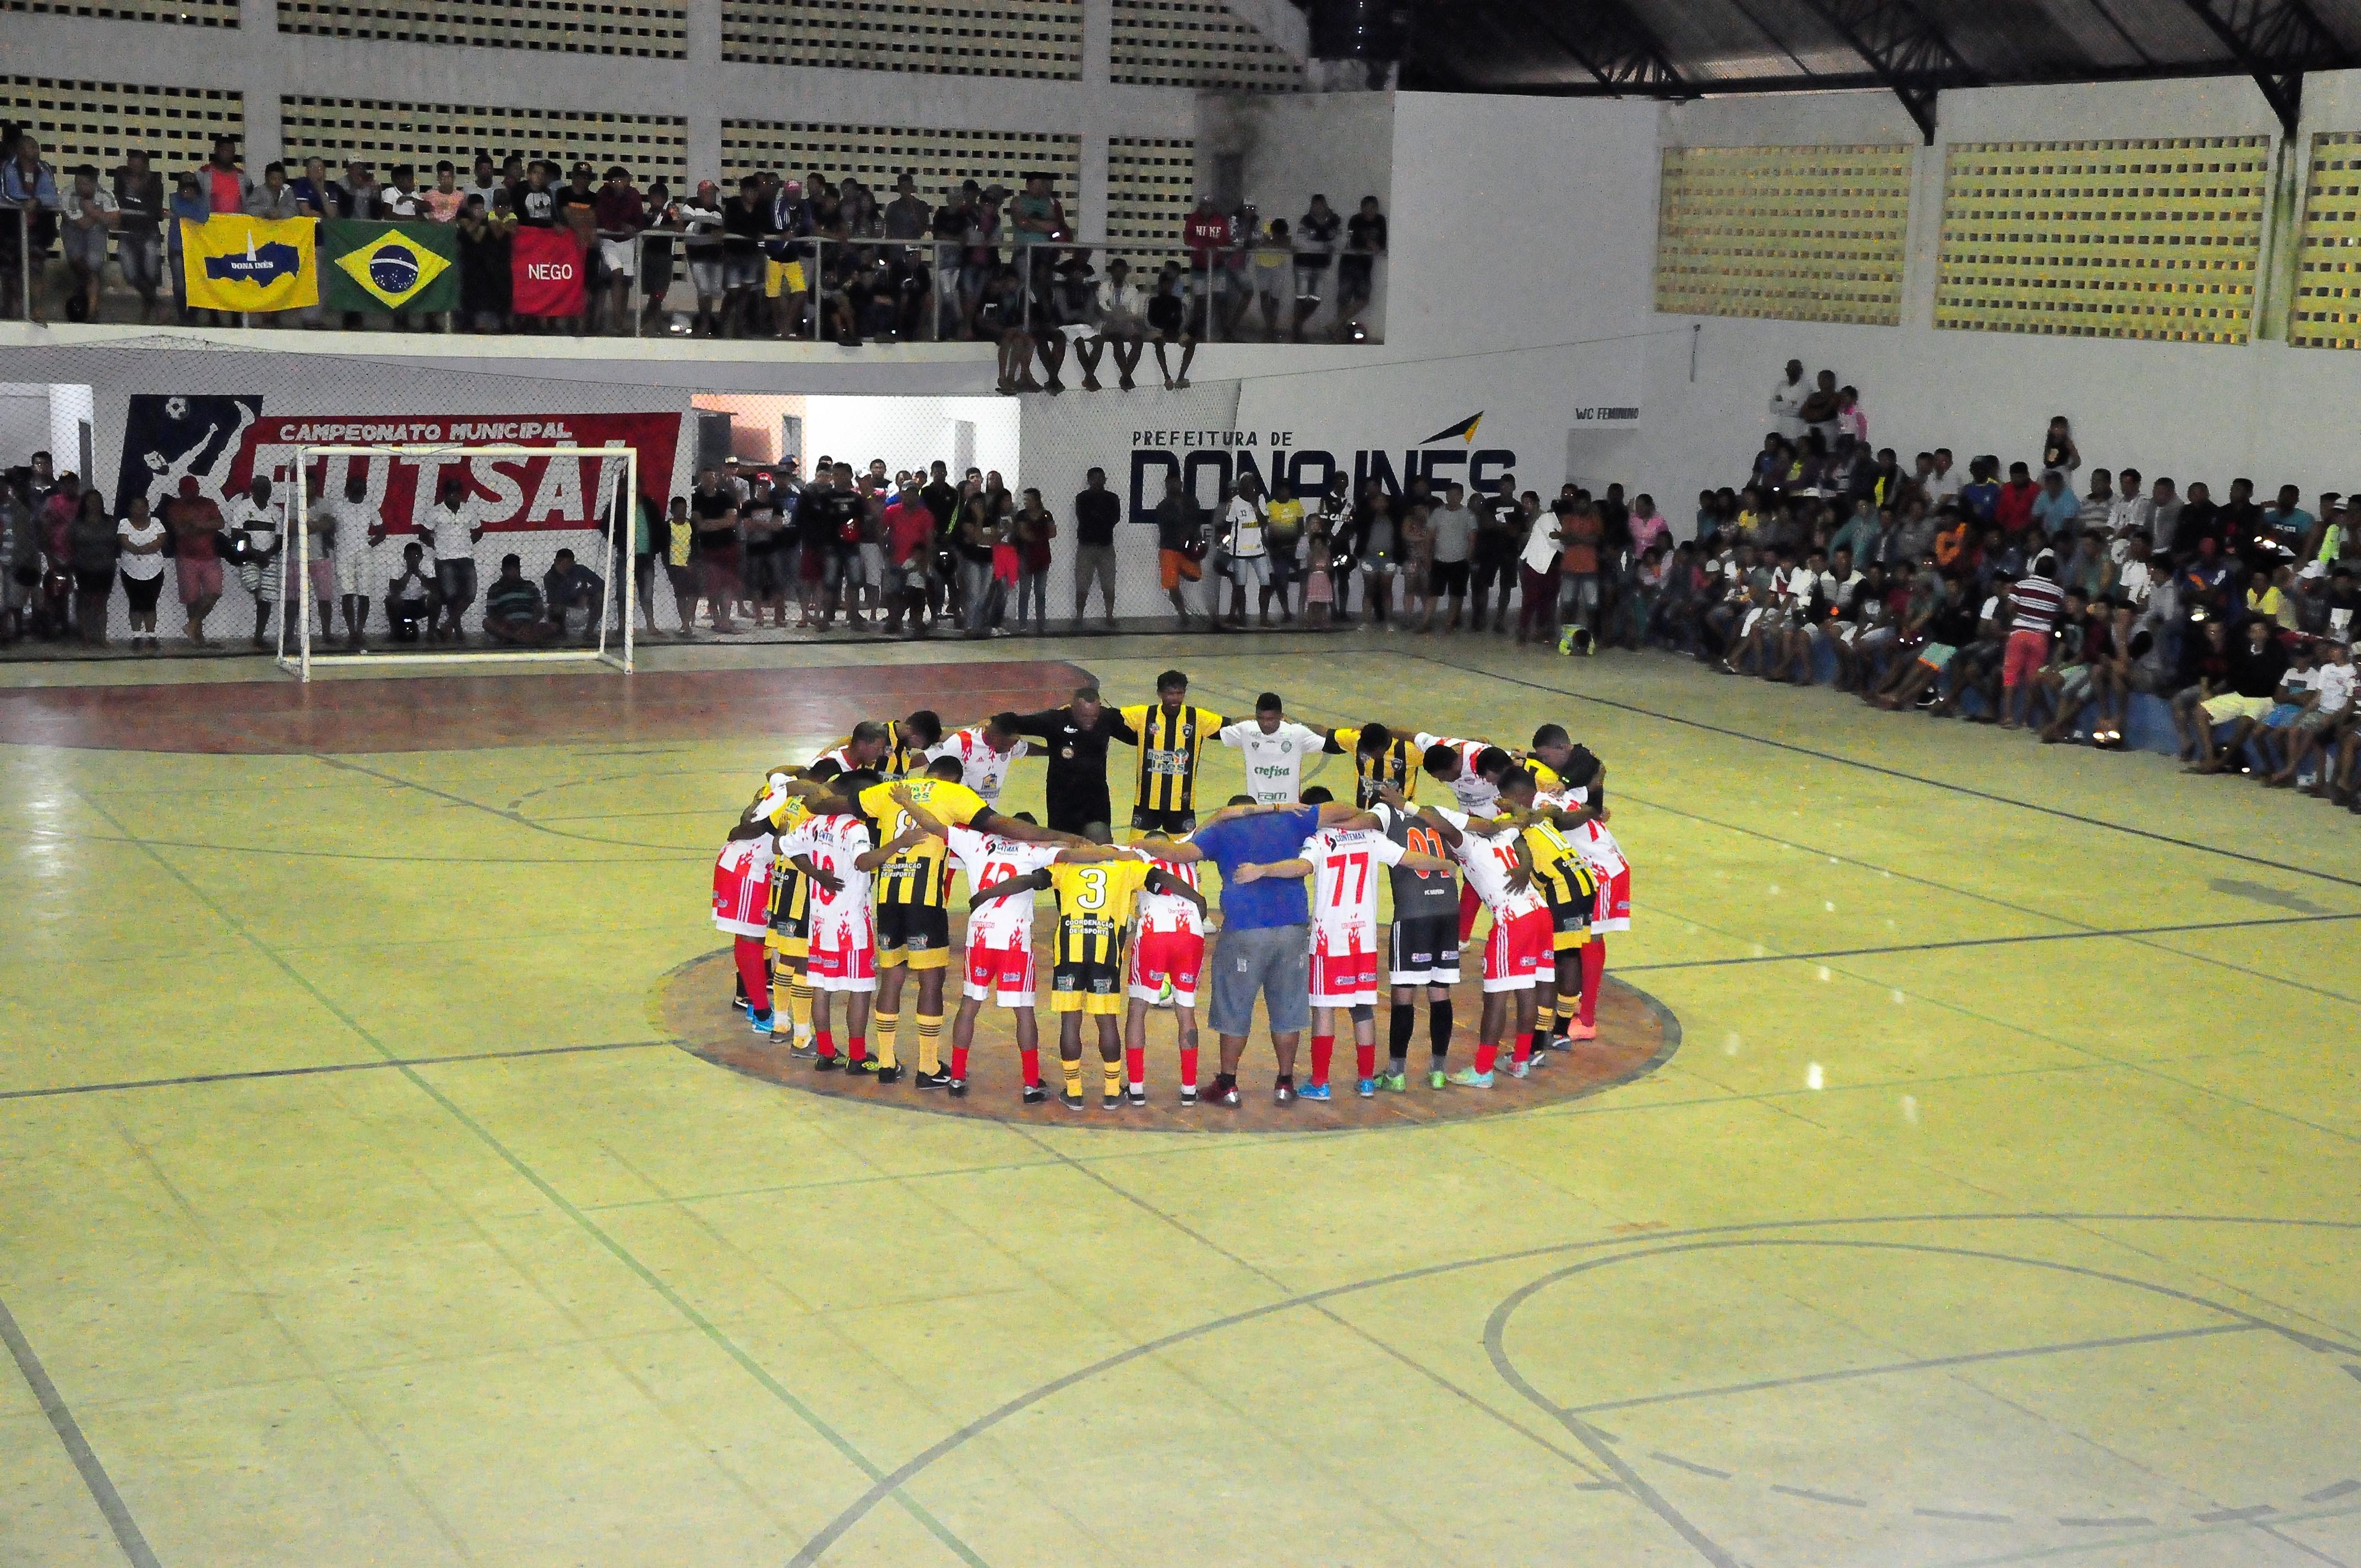 18 Equipes e cerca de 200 atletas participaram do campeonato ... d8a05ee8da827